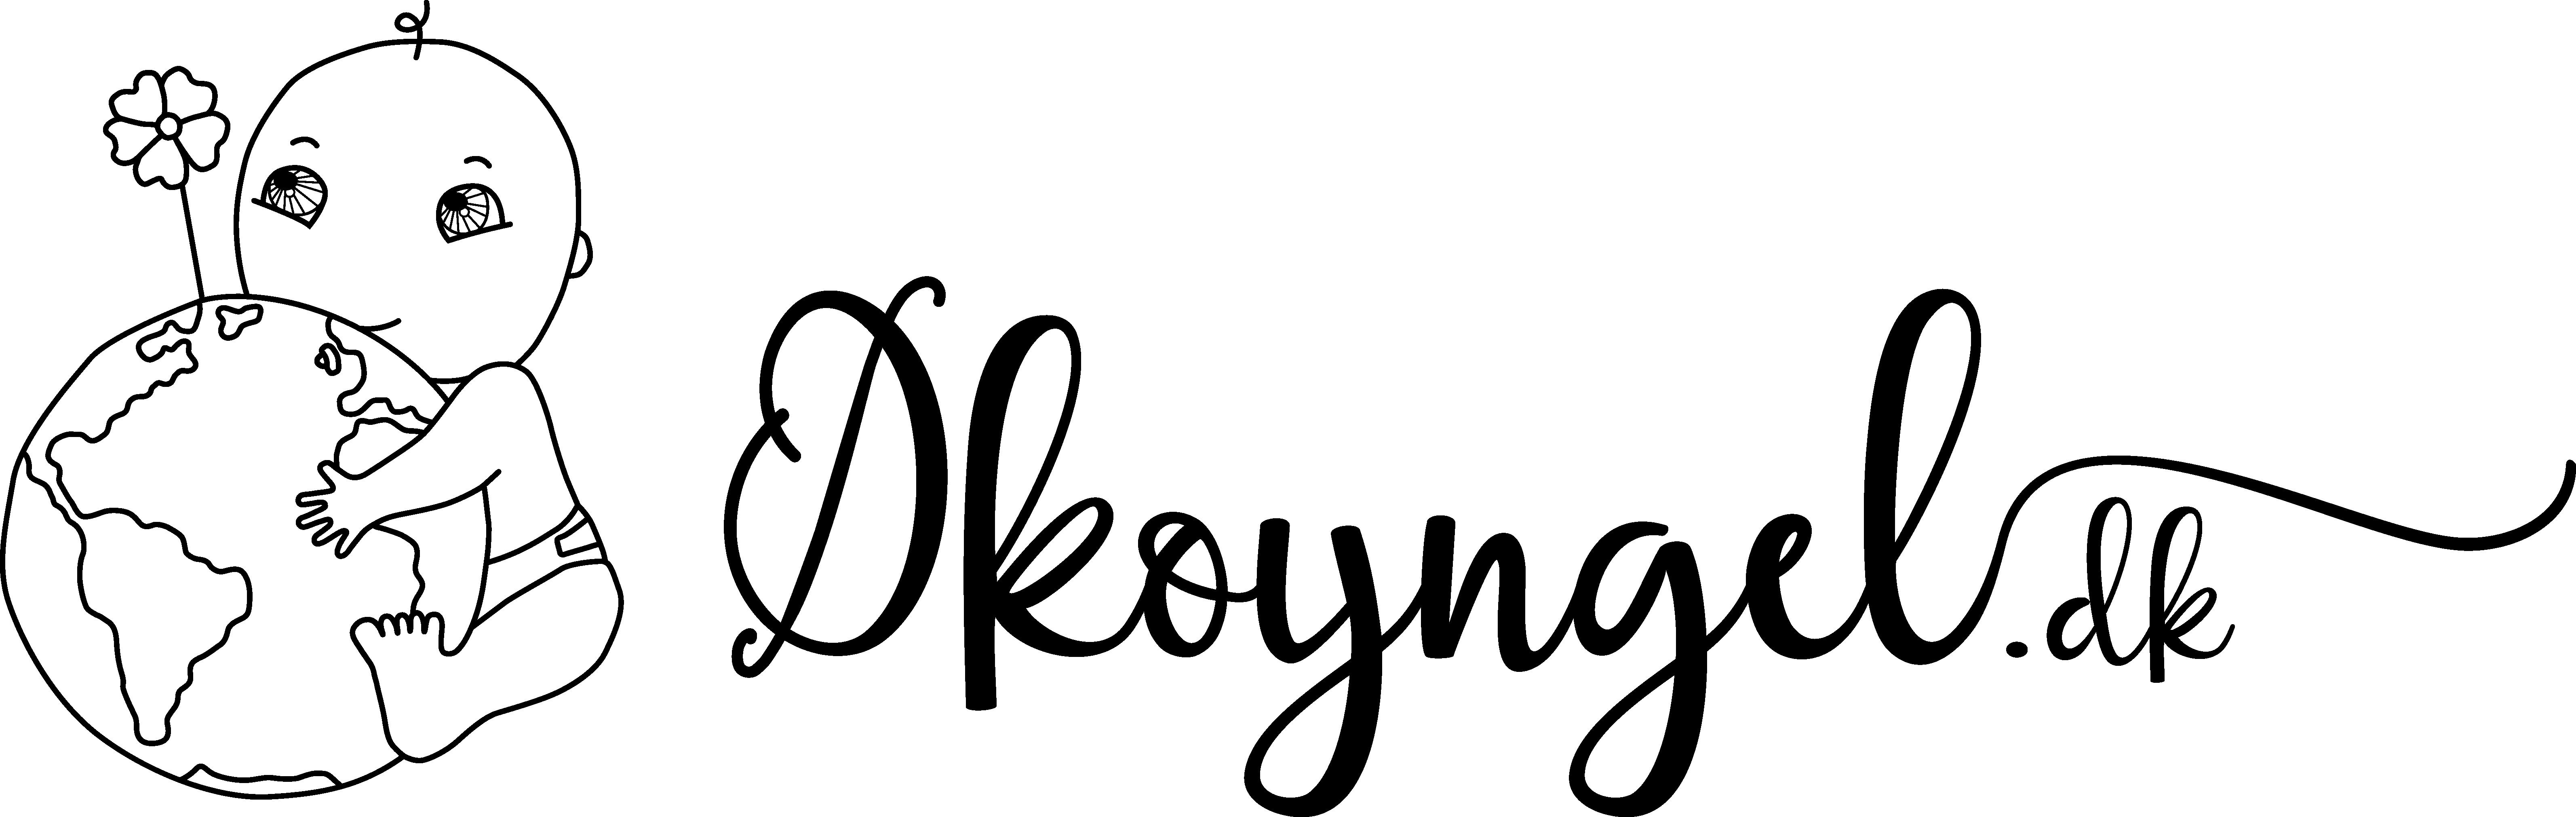 Økoyngel